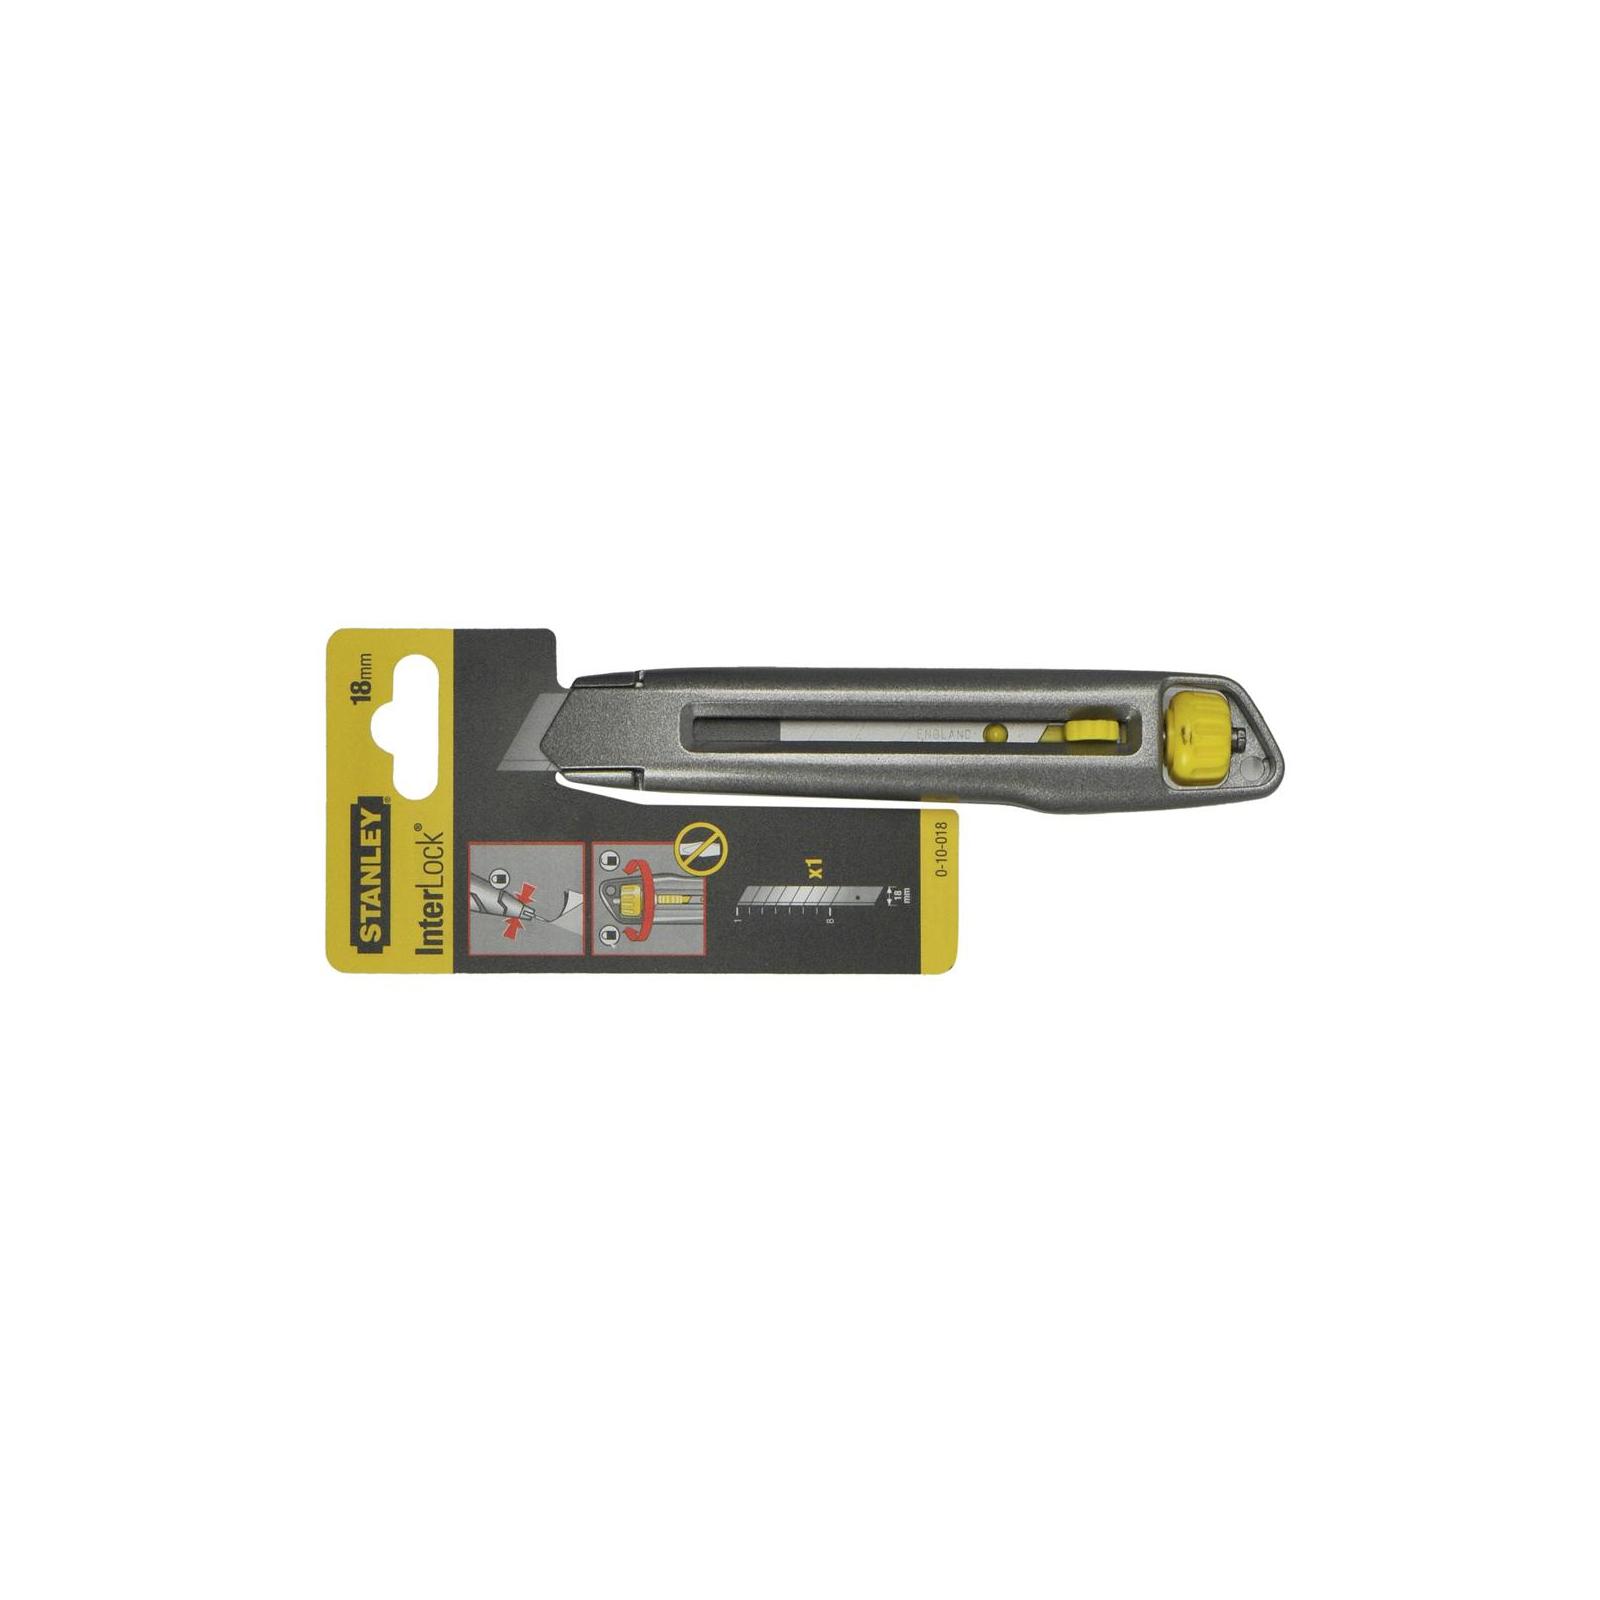 Нож монтажный Stanley выдвижное лезвие шириной 18мм, длина ножа 165мм (0-10-018) изображение 2